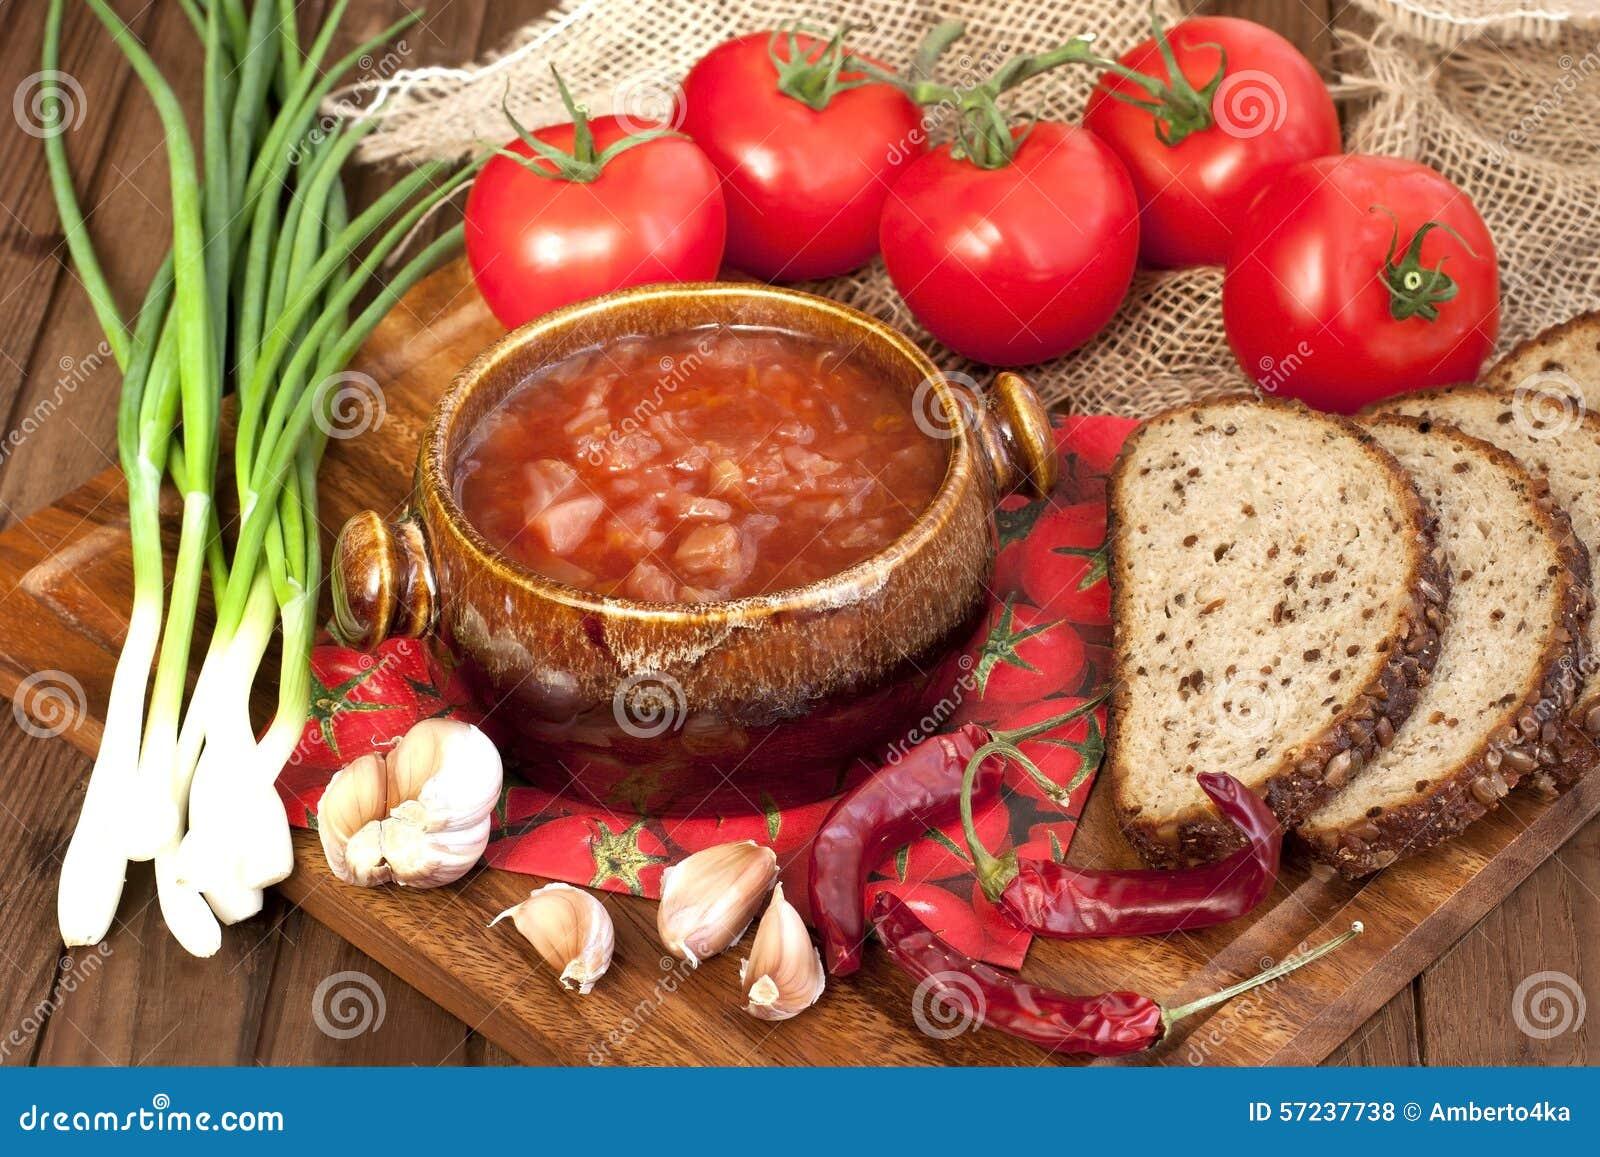 russische küche. borscht stockfoto - bild: 26104690